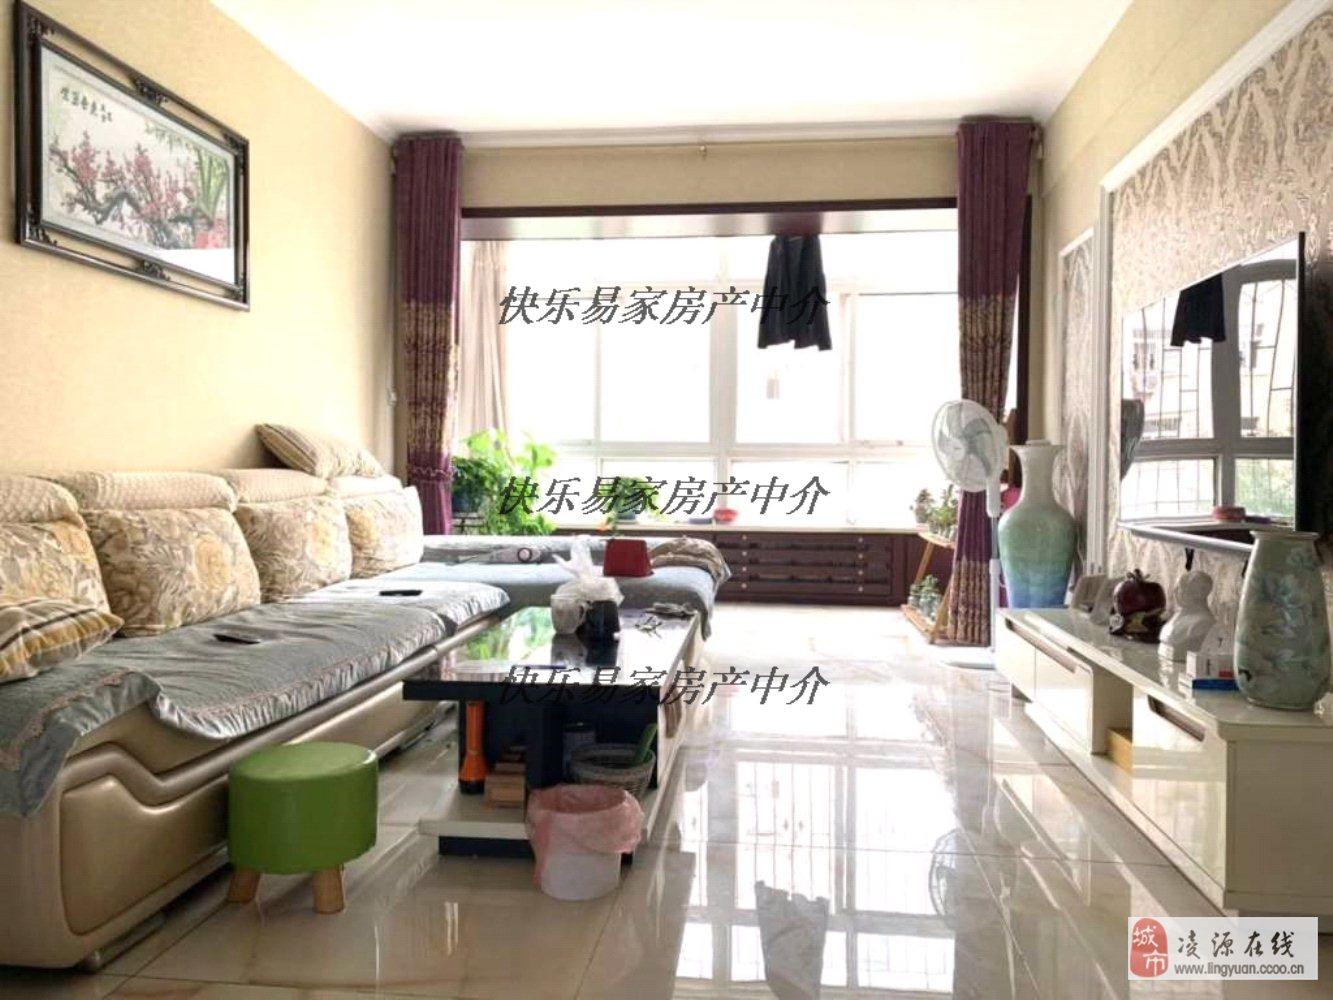 凌河學區房92平52萬地熱新裝修小稅可貸款